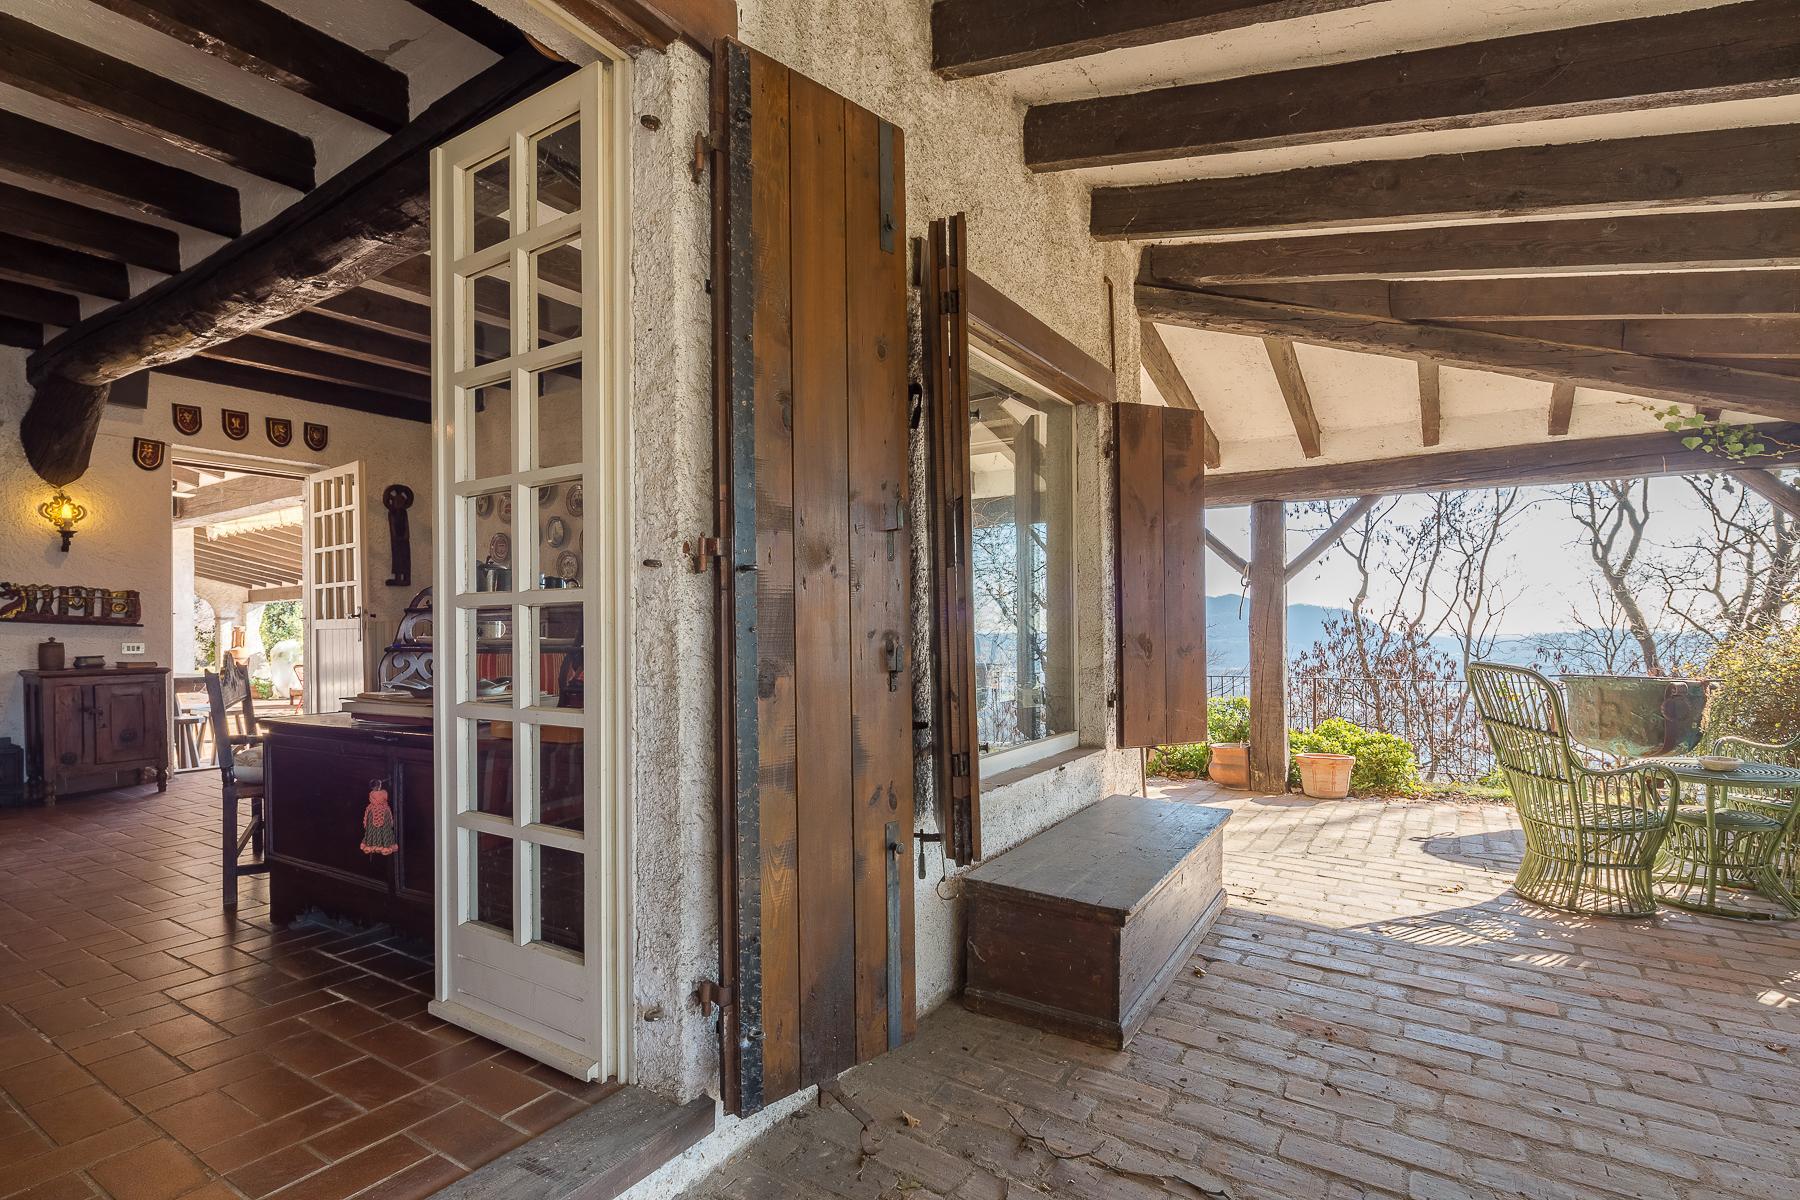 Bella villa con giardino e vista mozzafiato - 11